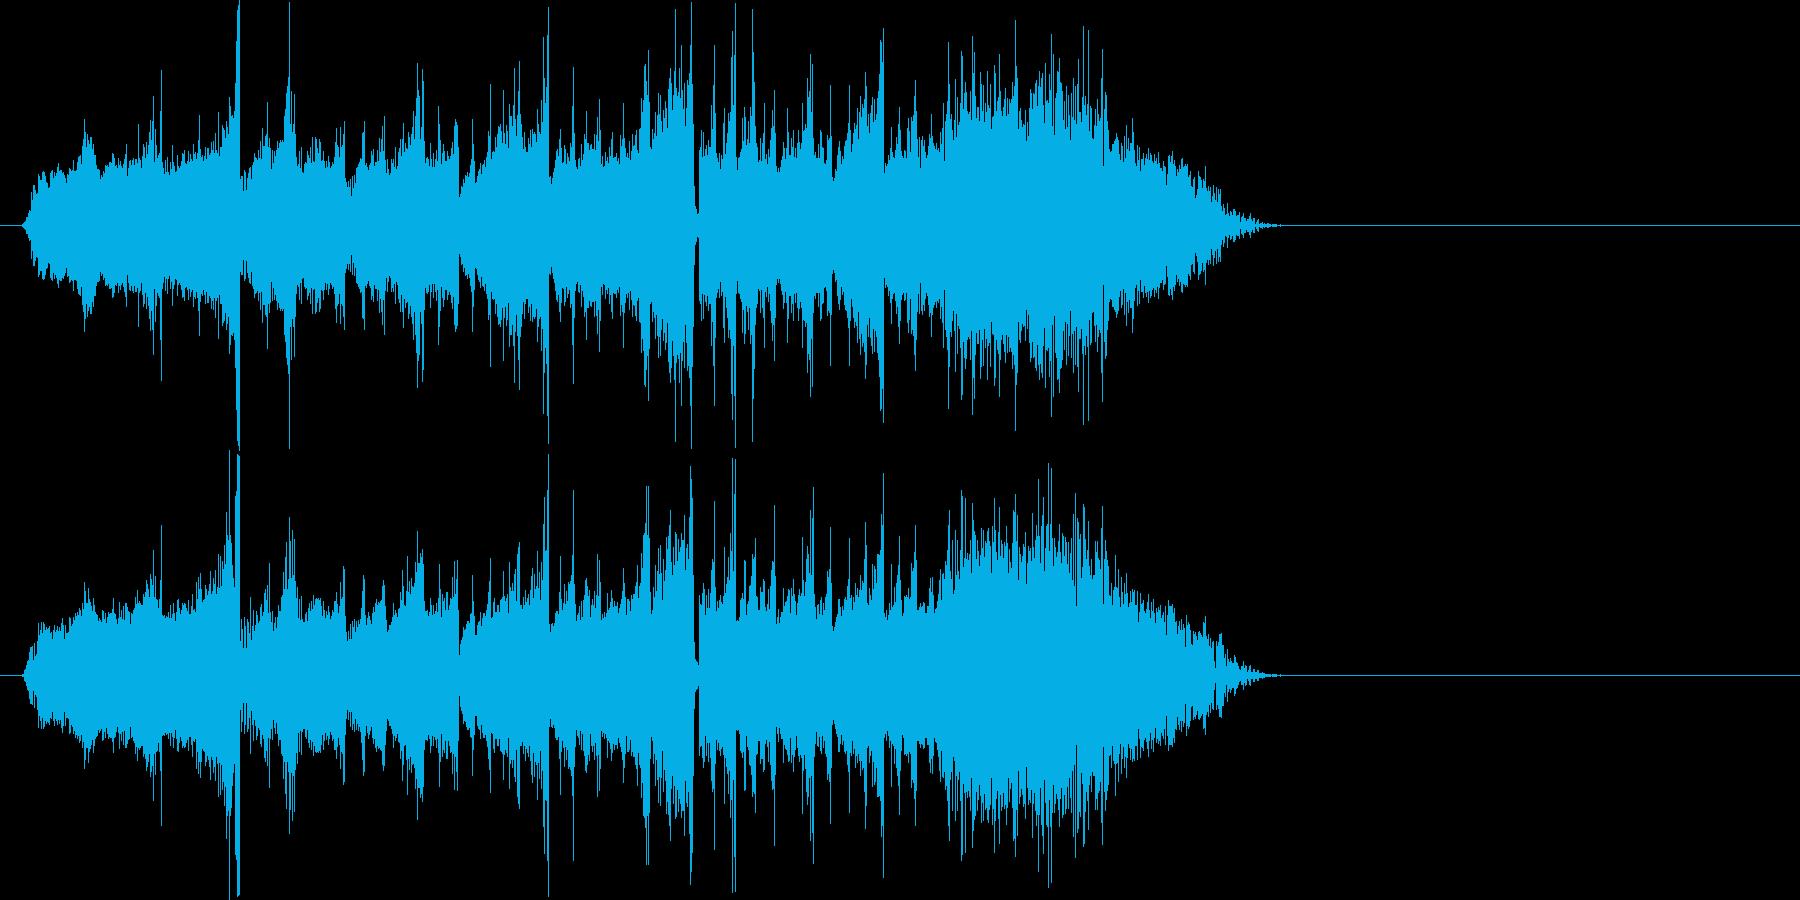 レコードの早送りからのストップ効果音の再生済みの波形